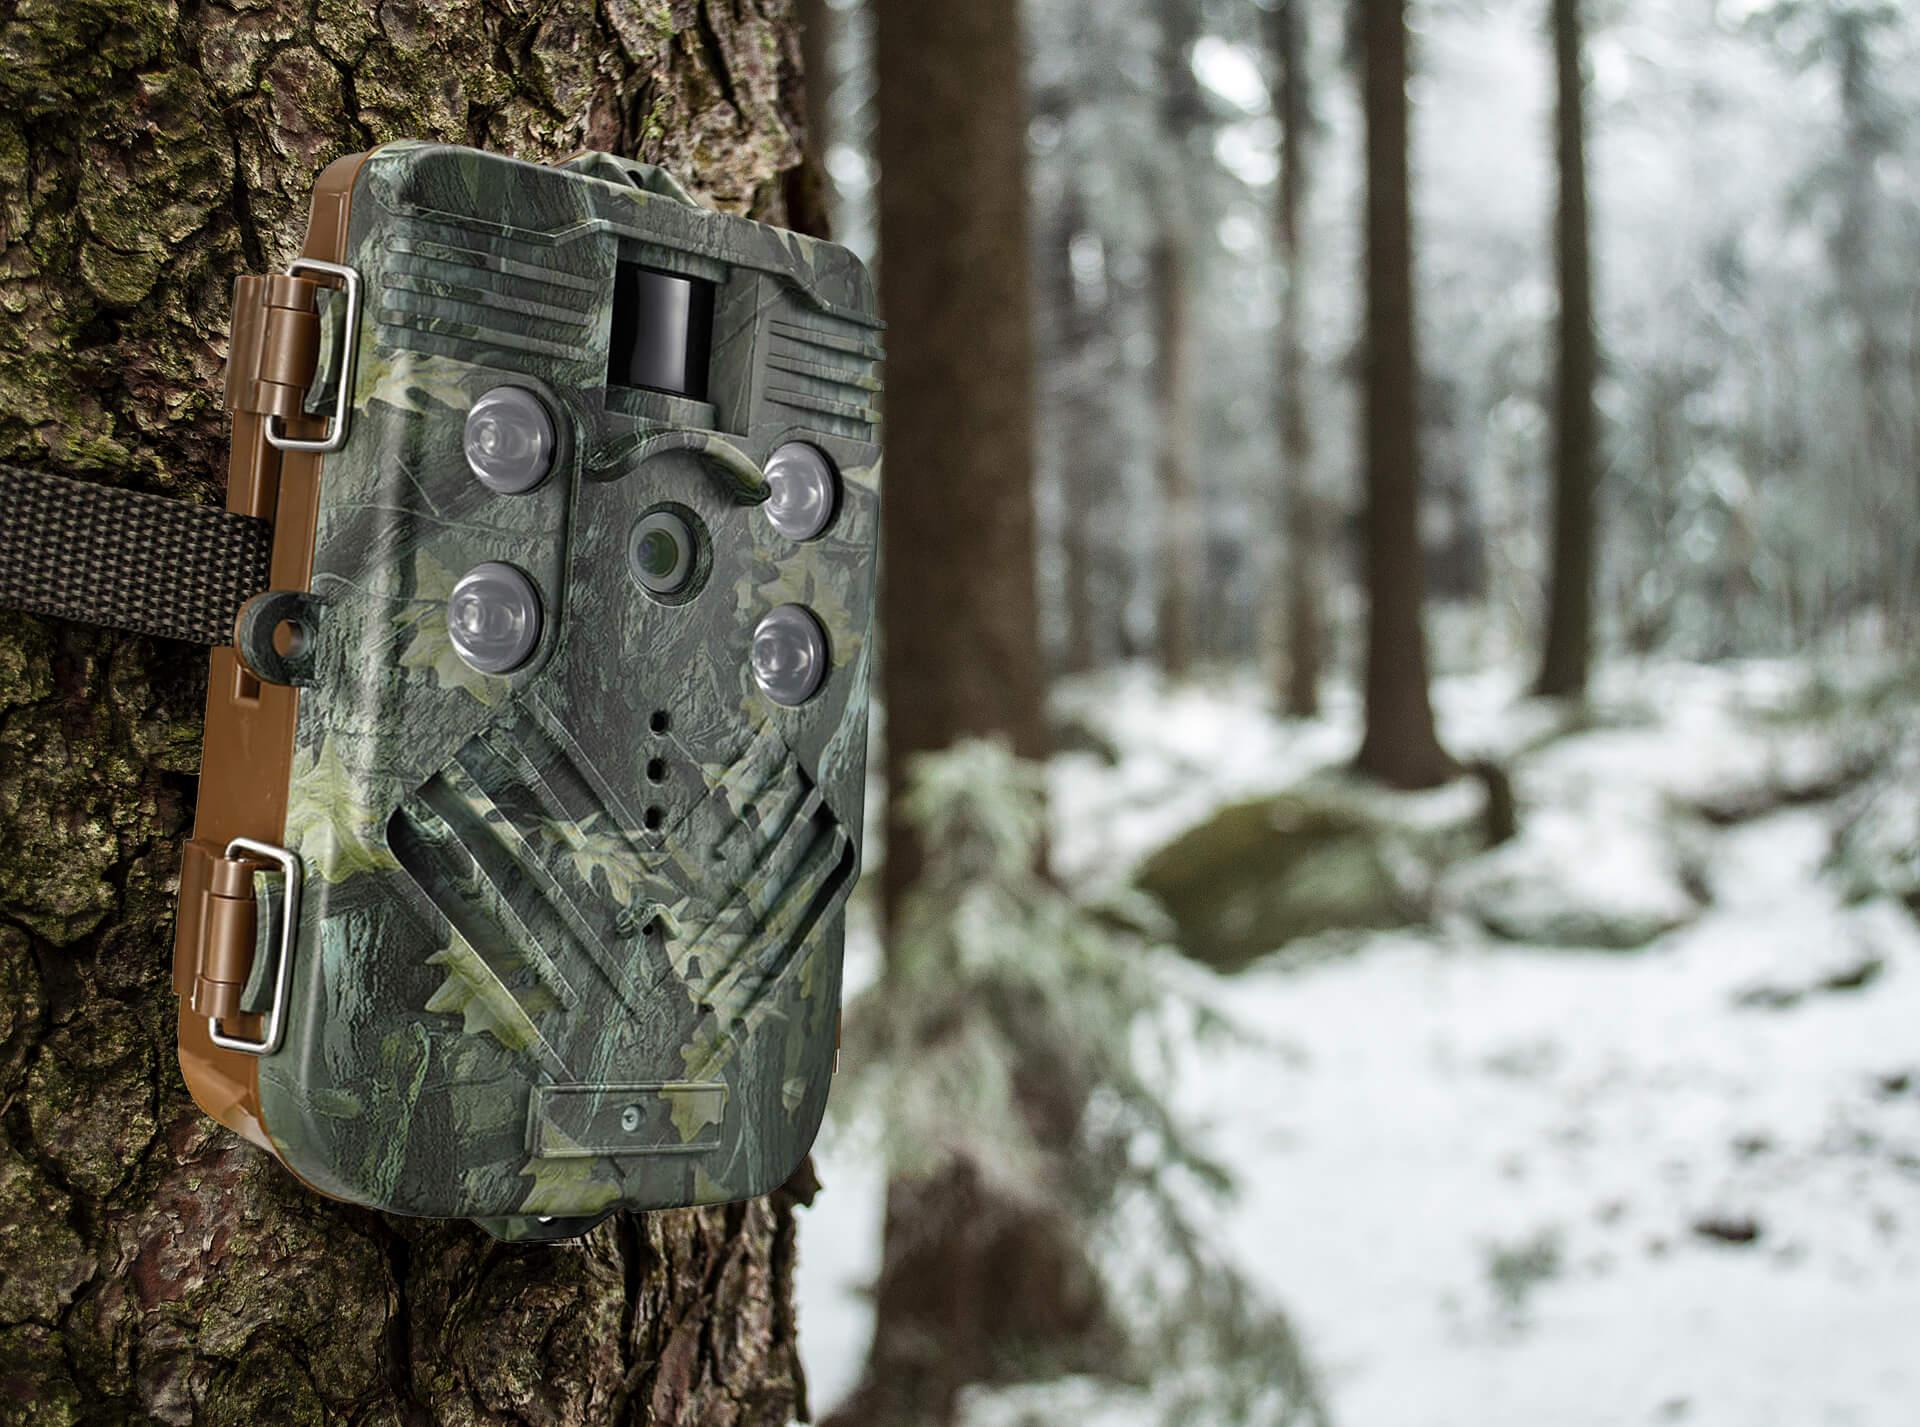 Fotopułapka do lasu Ereagle E3